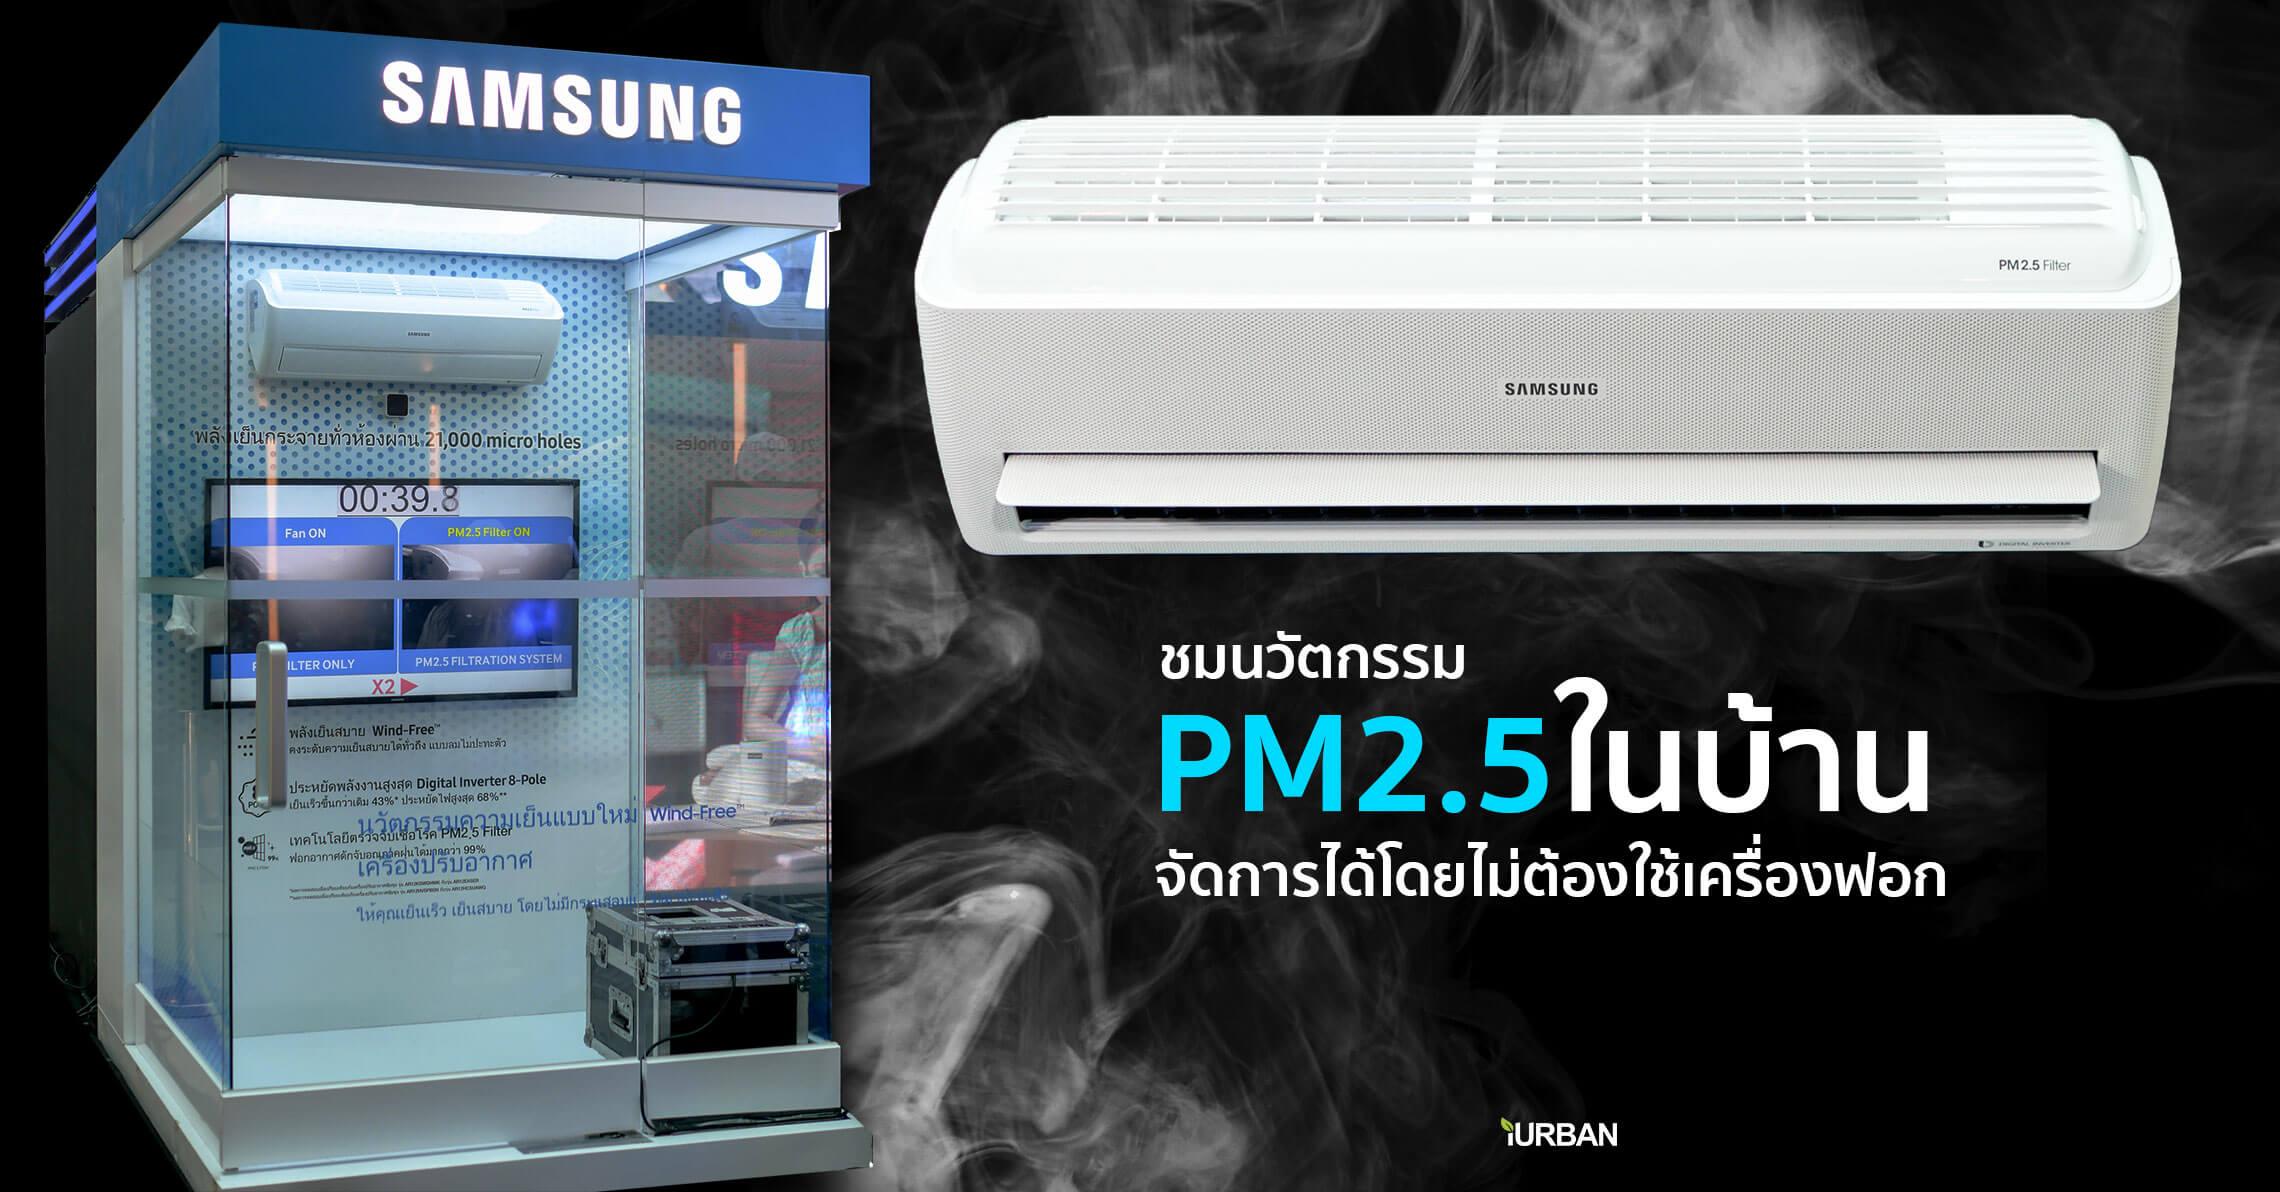 """แอร์ที่กรอง PM2.5 ได้ในเครื่องเดียว SAMSUNG Wind-Free Plus มากกว่าเครื่องฟอกอากาศถึงระดับ """"ไวรัส"""" 13 - Premium"""